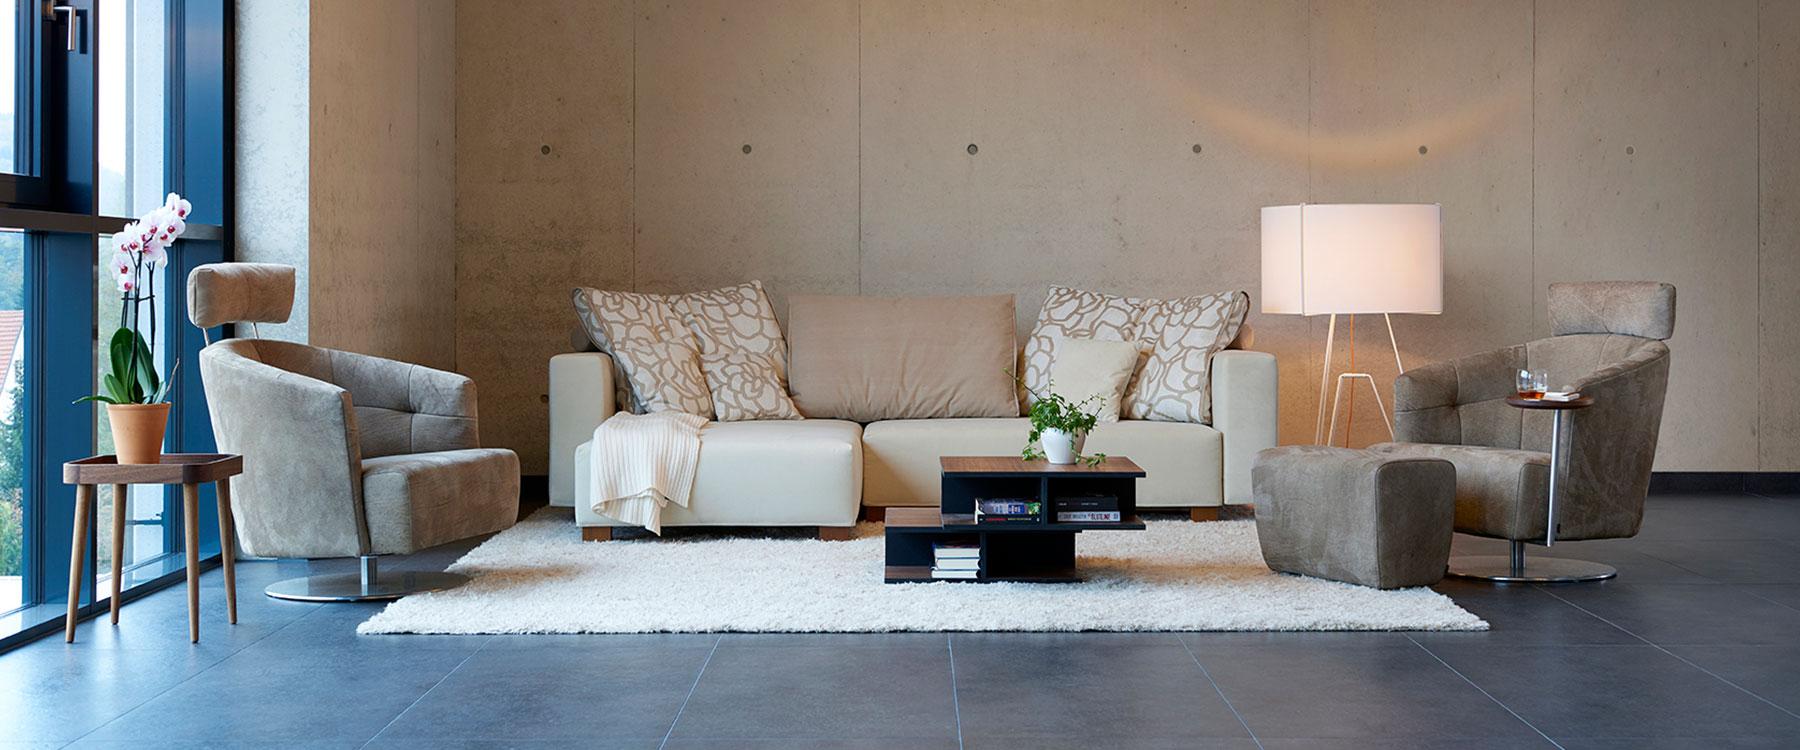 m bel design frankfurt hochwertige schlafsofas signet fermob. Black Bedroom Furniture Sets. Home Design Ideas